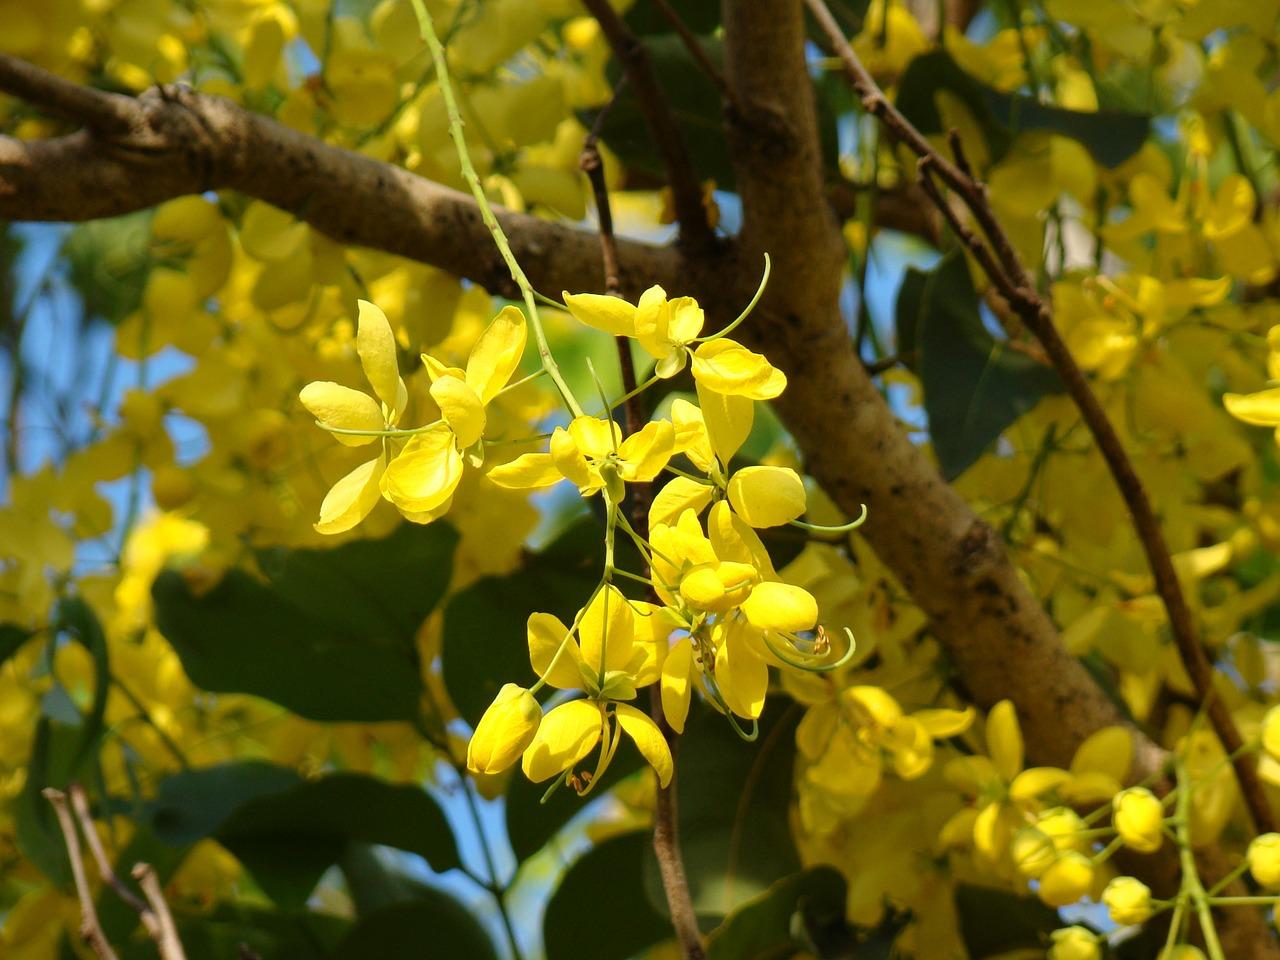 Yellowflowerstreeaustraliaspring Free Photo From Needpix